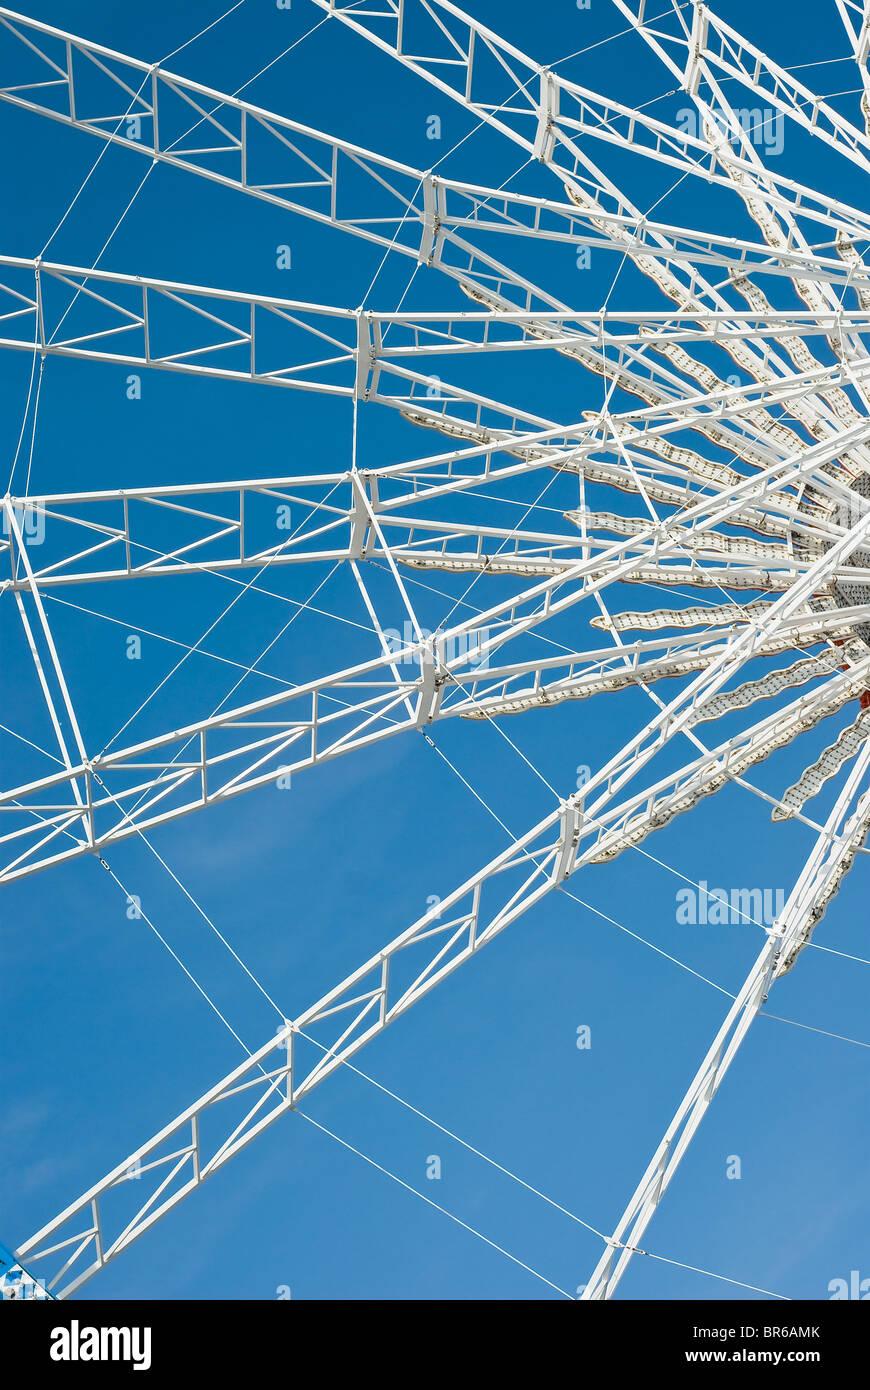 Ruota panoramica Ferris come disegno astratto modello di elemento Immagini Stock